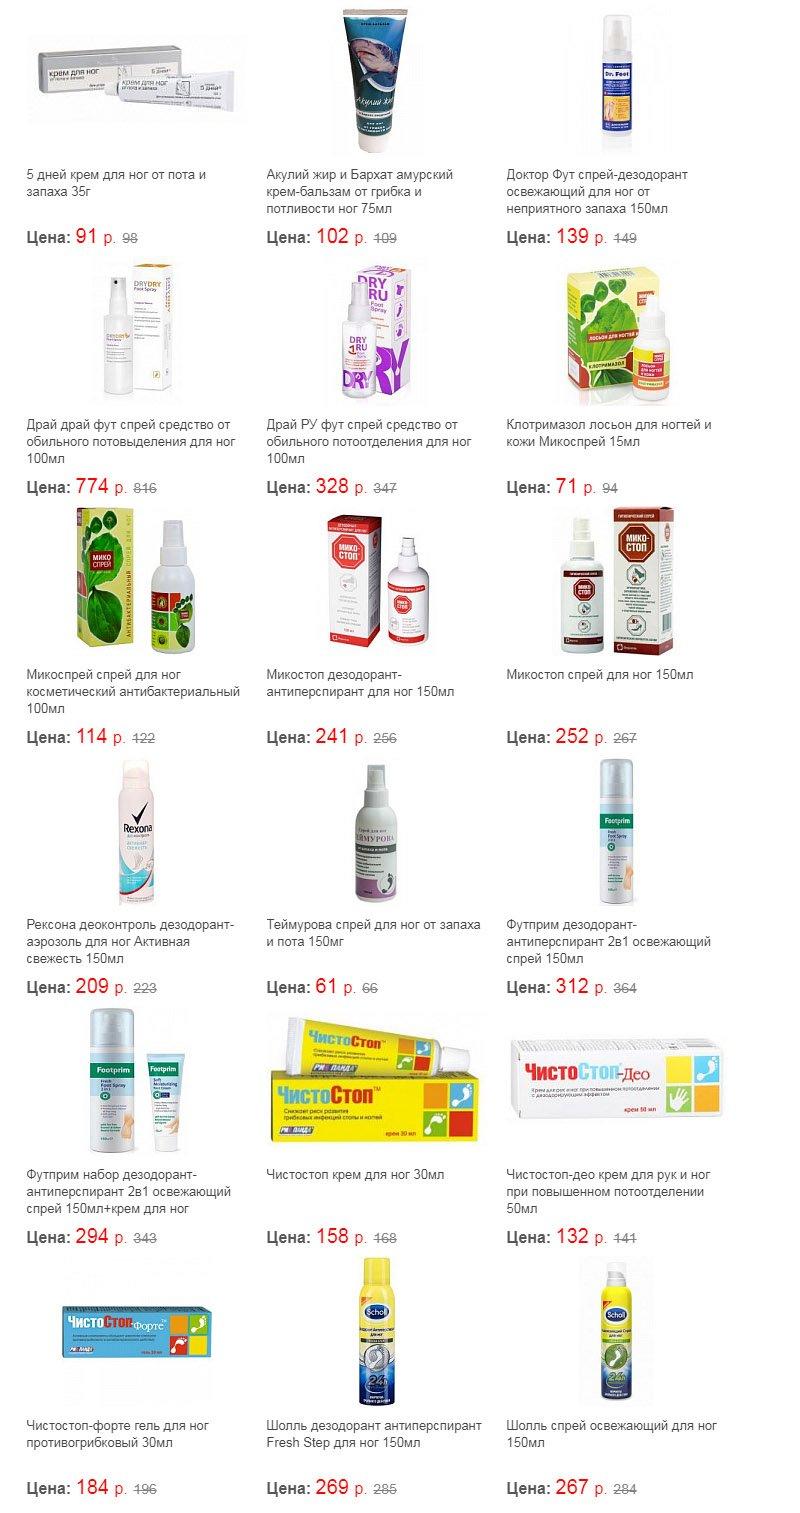 Средства от потливости ног цены в аптеках